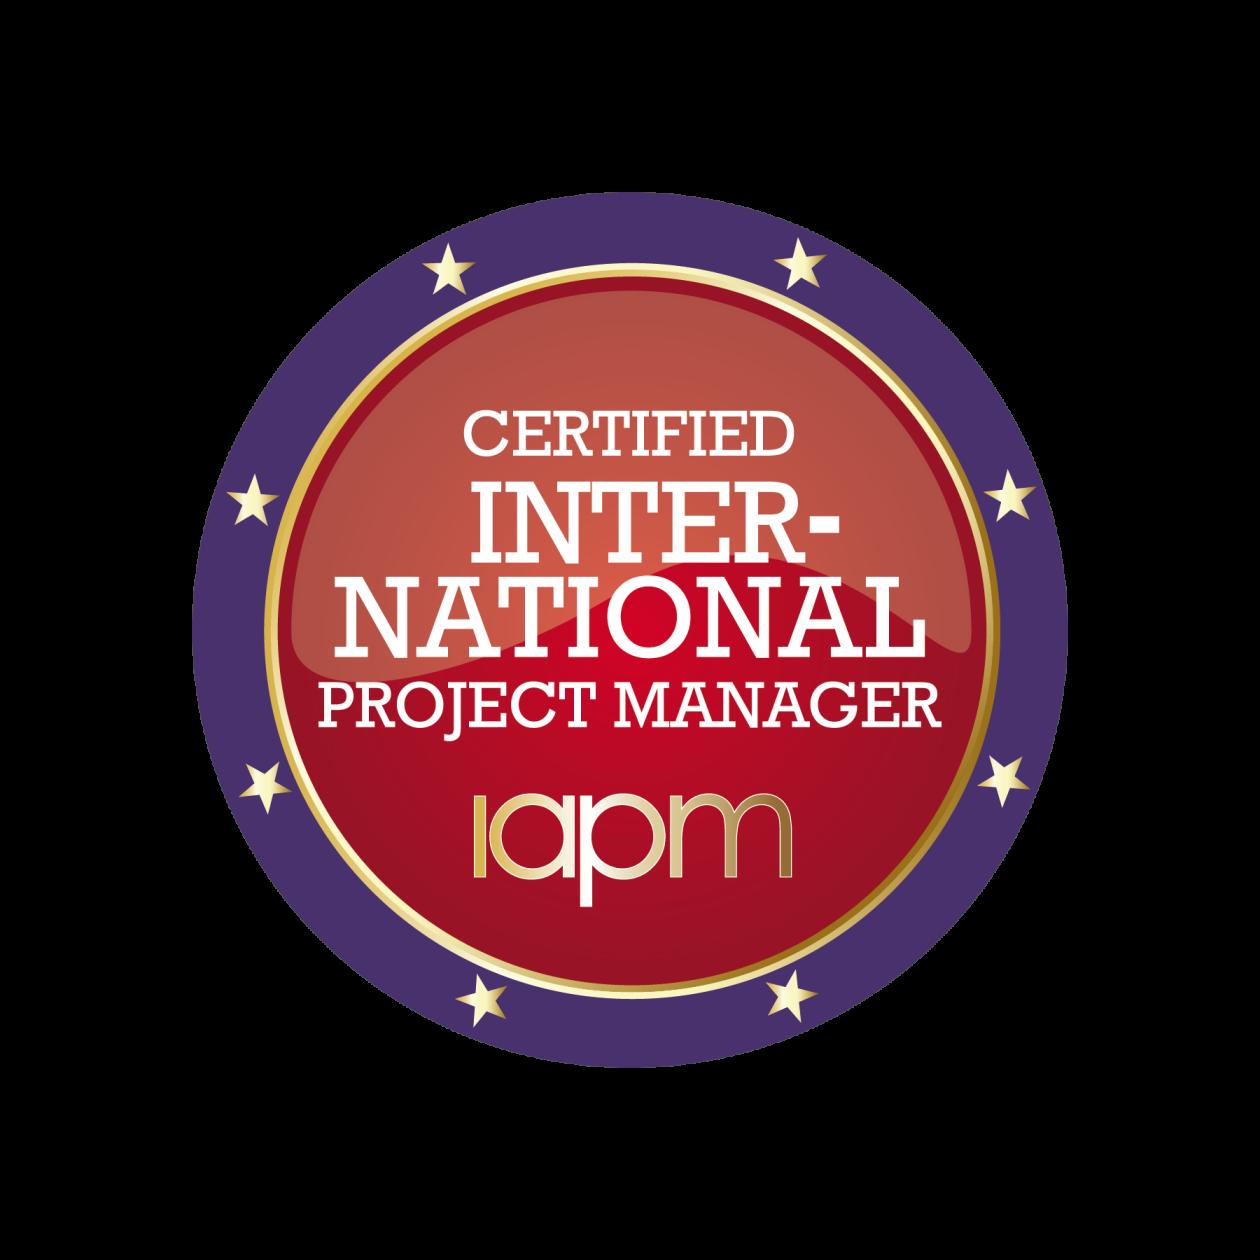 Alle Informationen rund um die Certified International Project Manager (IAPM) Zertifizierung